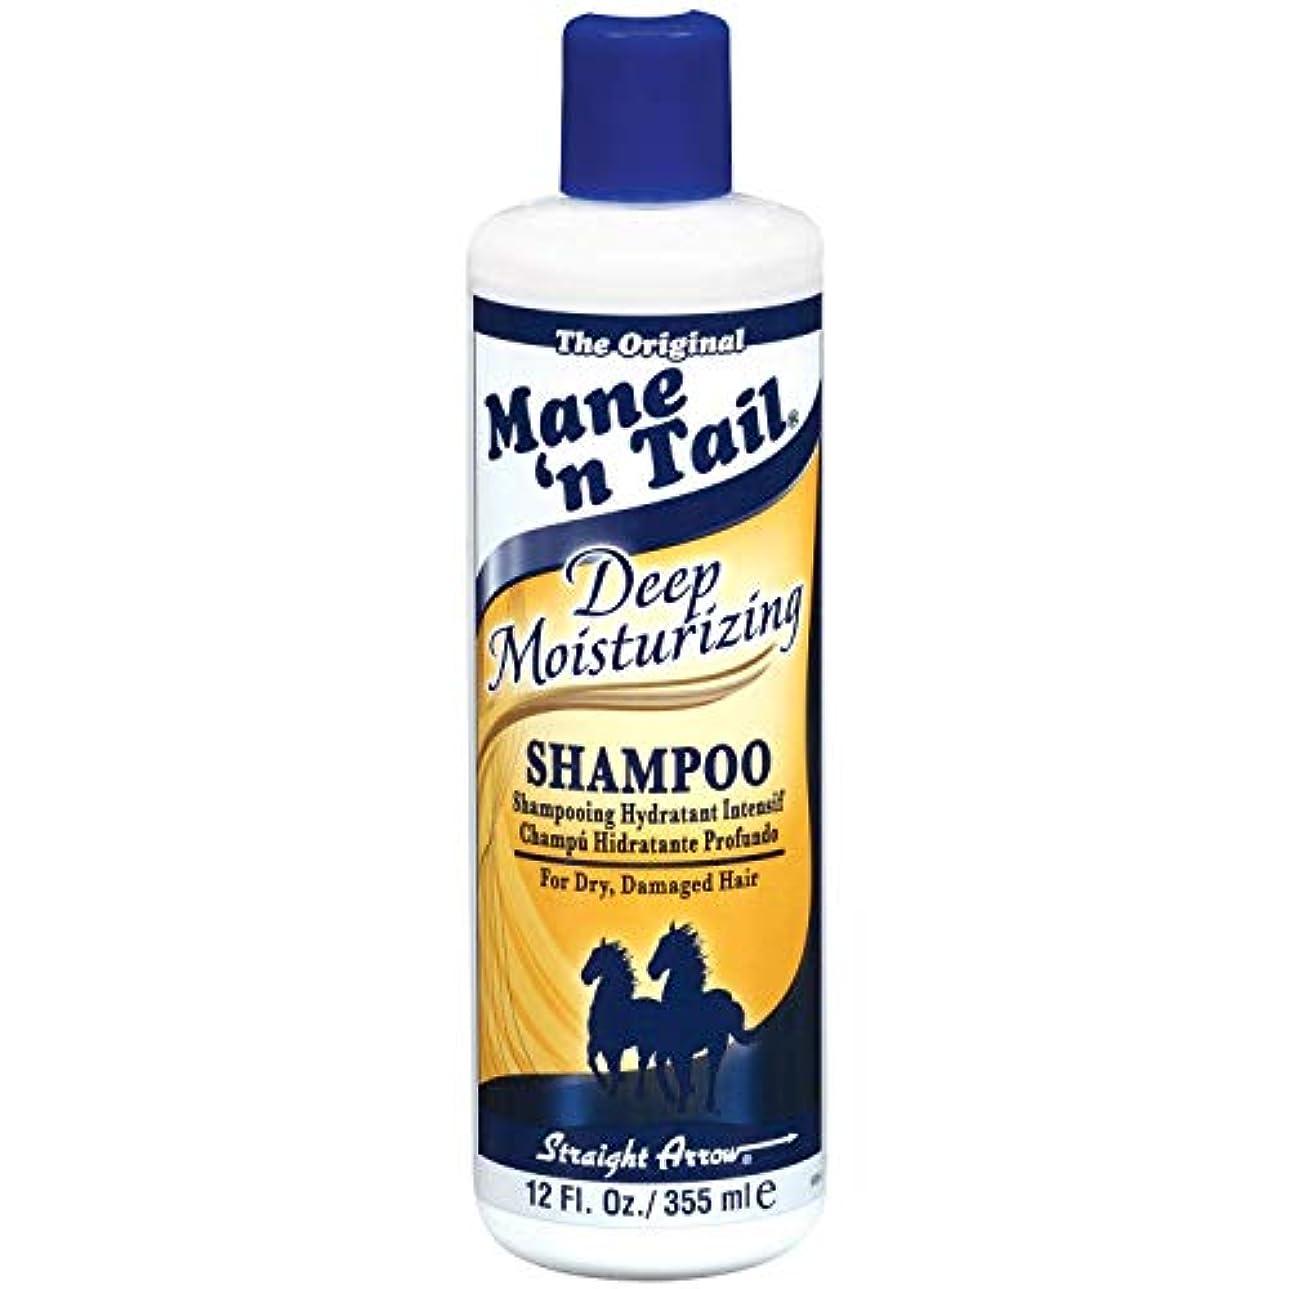 頑固なパシフィック省略する(馬のたてがみ メインテイル ディープ モイスチャライジング 乾燥髪?傷んだ髪用 シャンプー)Mane'n Tail Deep Moisturizing Shampoo (並行輸入品) [並行輸入品]